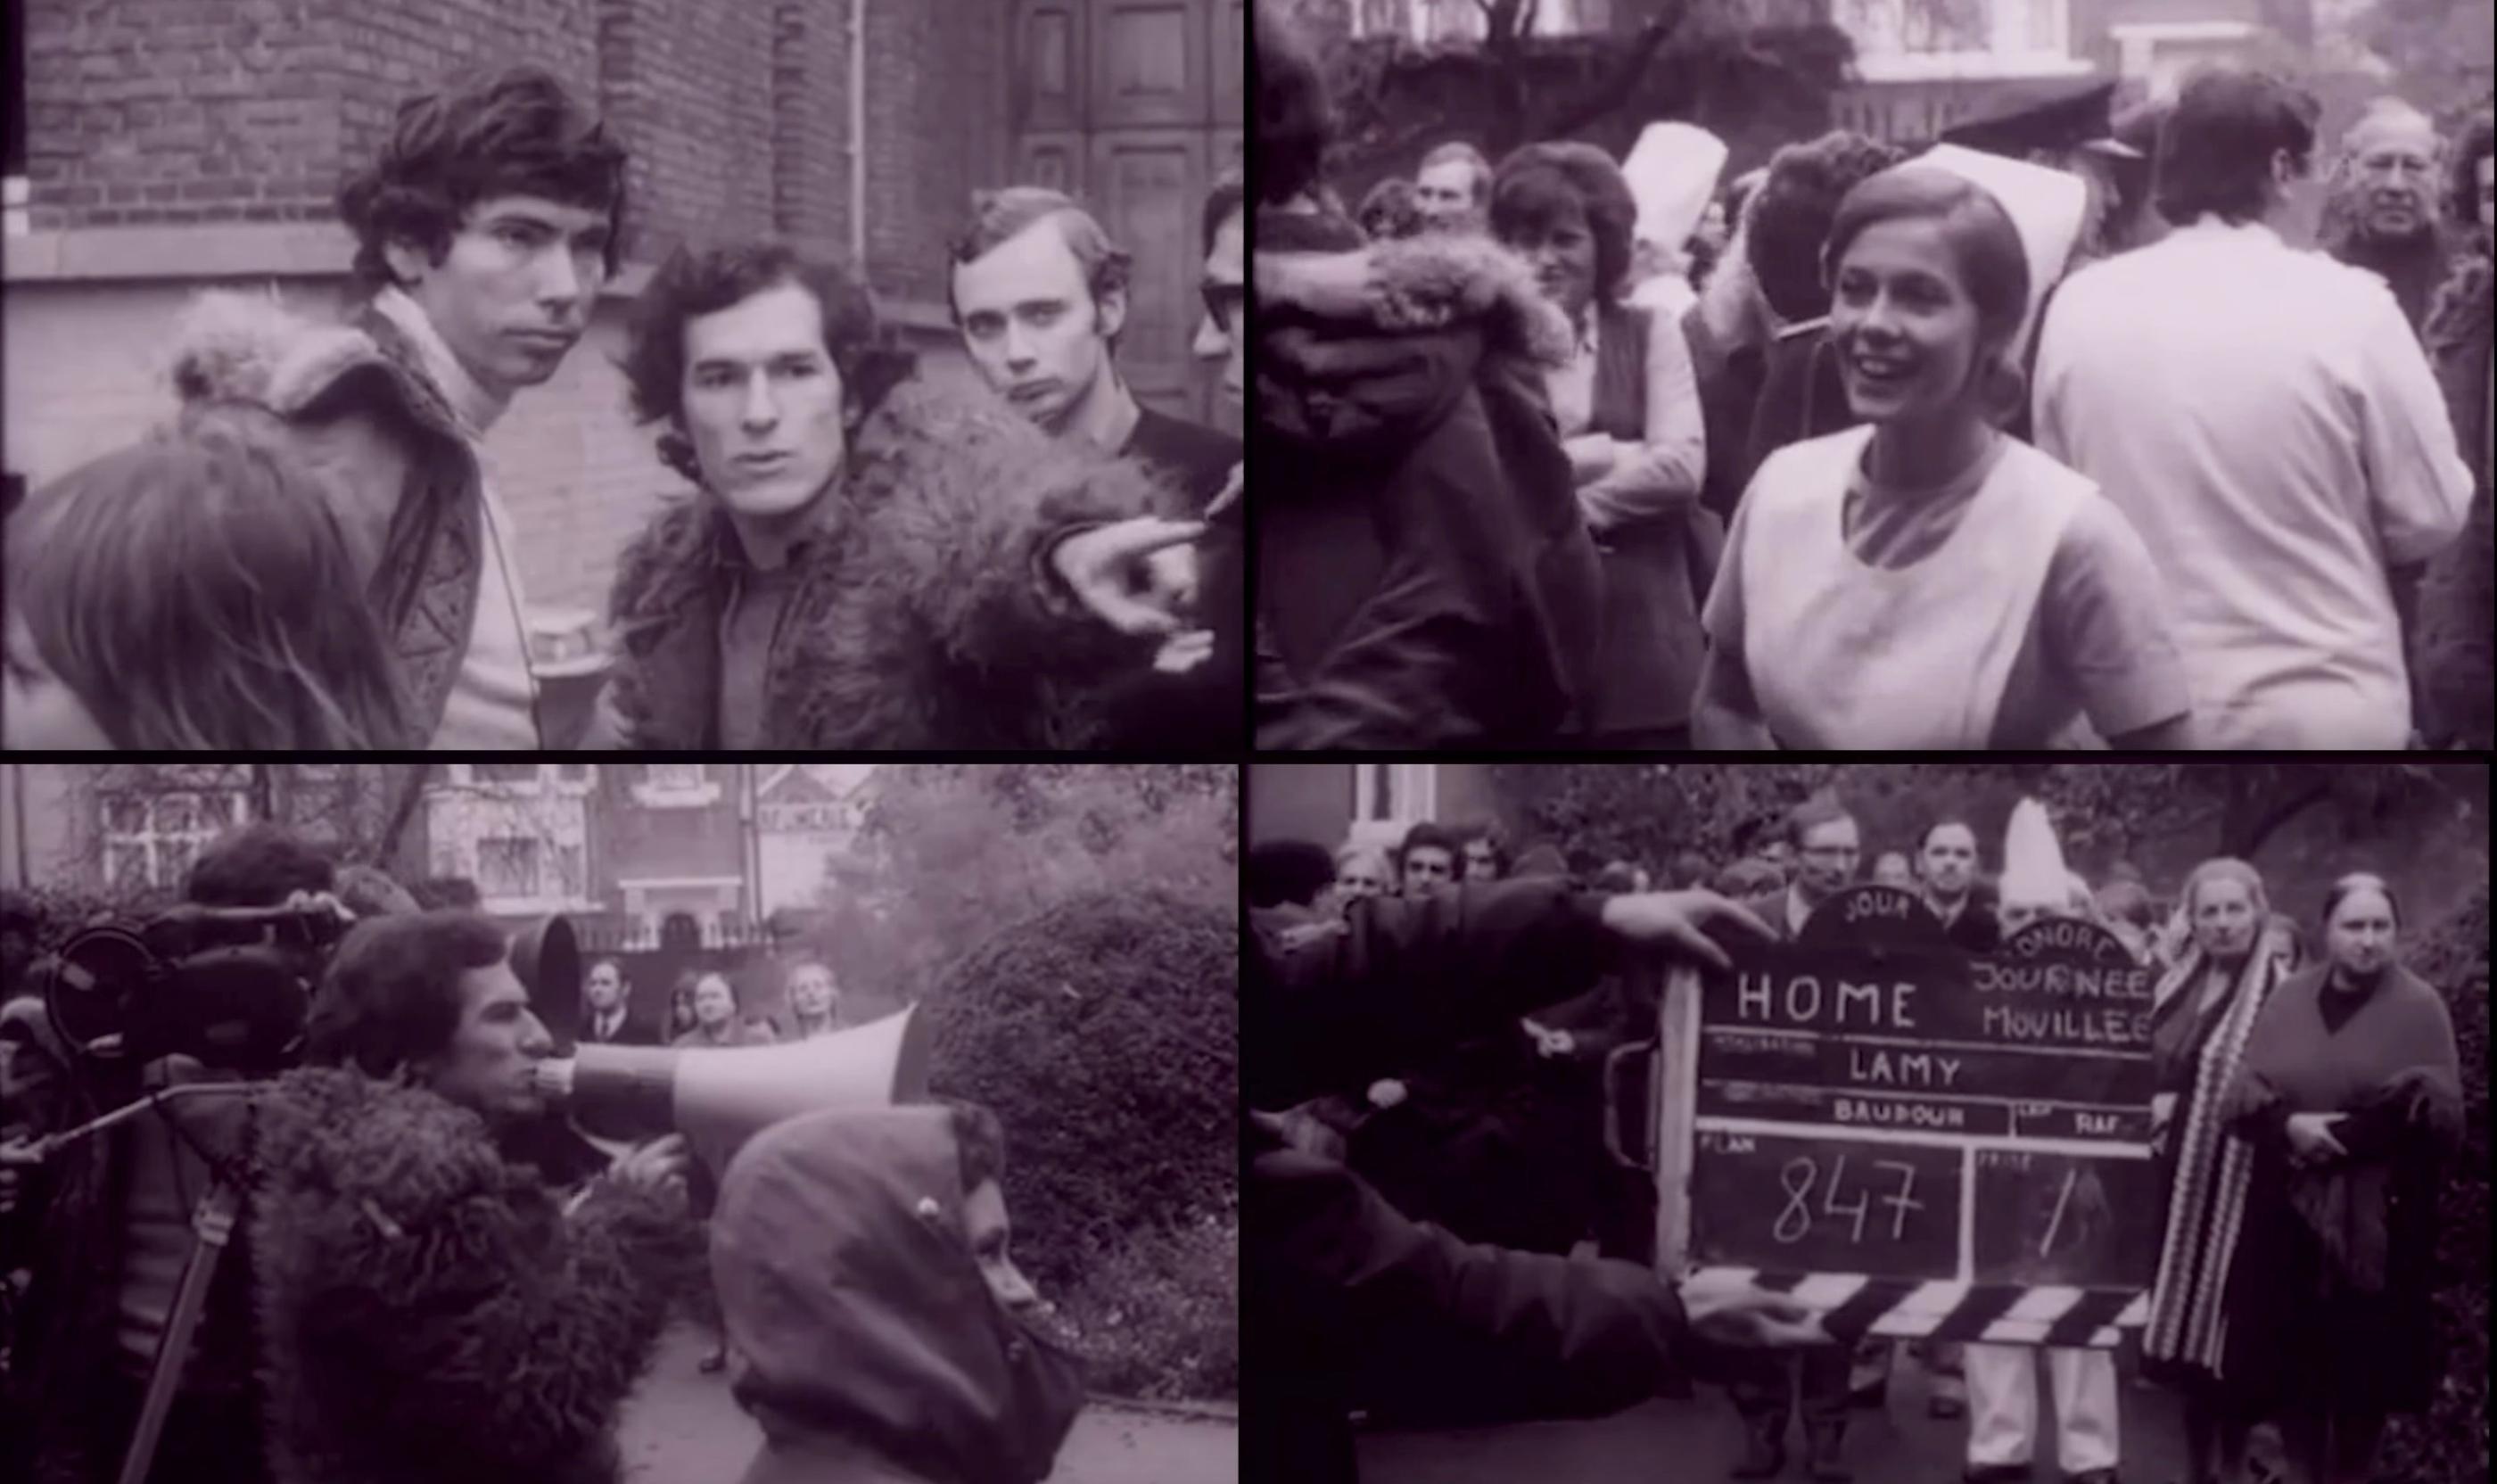 tournage_1972_home_sweet_home